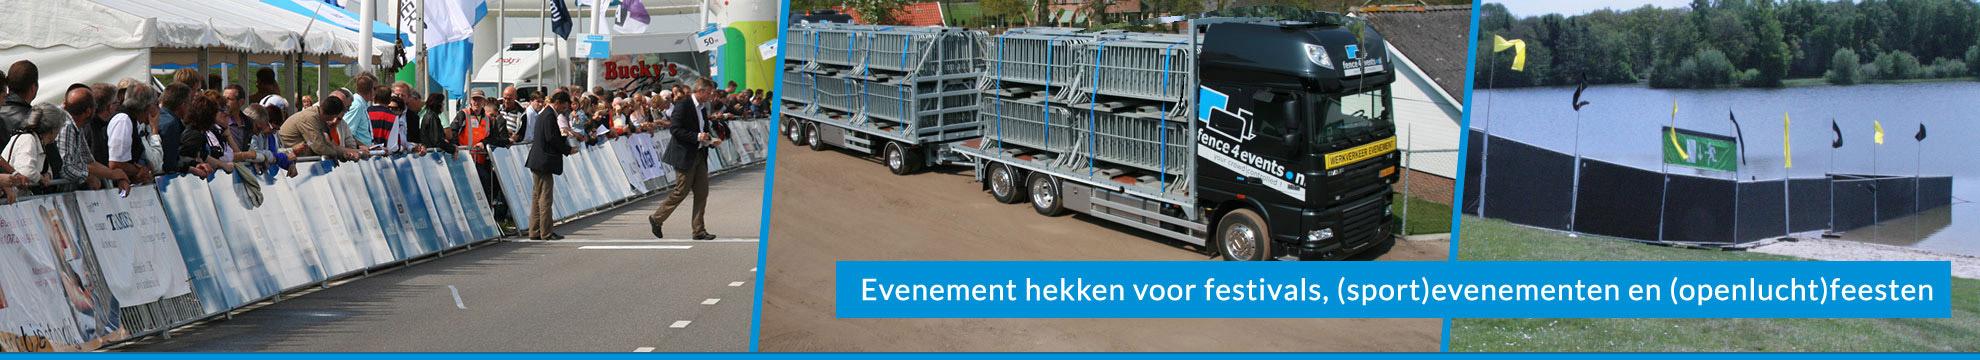 Fence4events Evenementenhekken.nl